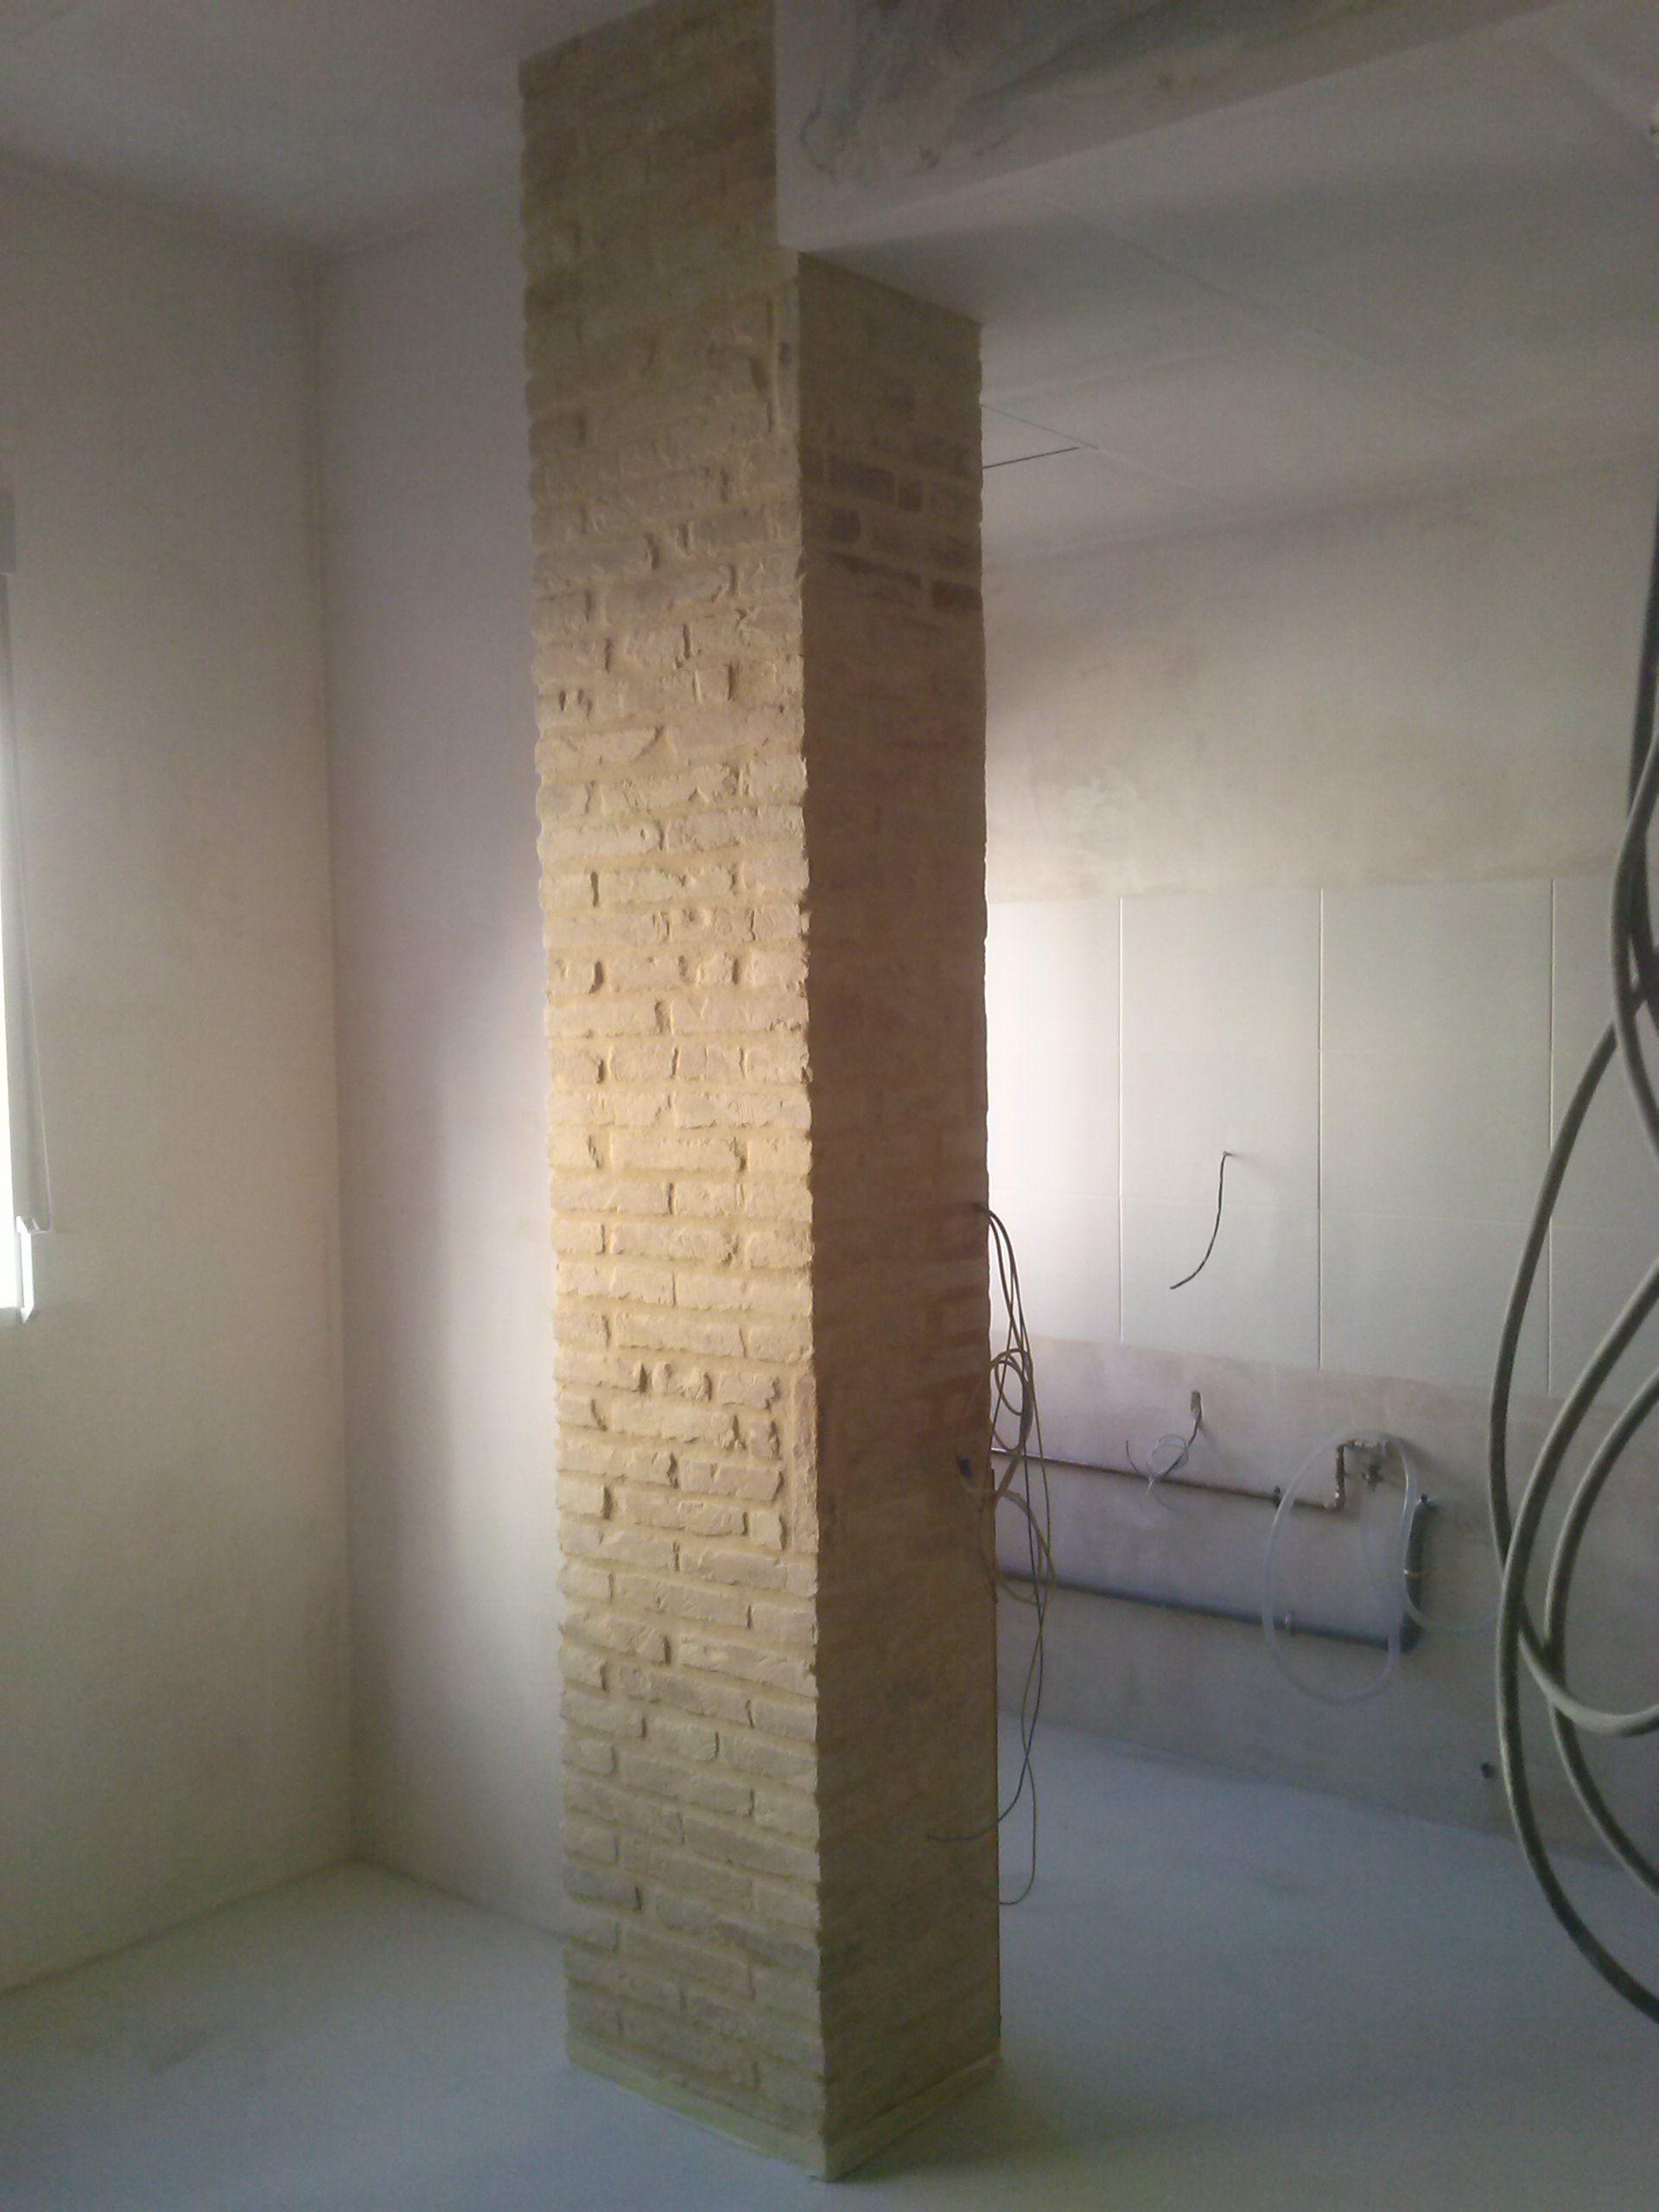 Reformas integrales: SERVICIOS de Construcciones y Reformas Martínez-Belenguer, S.L.